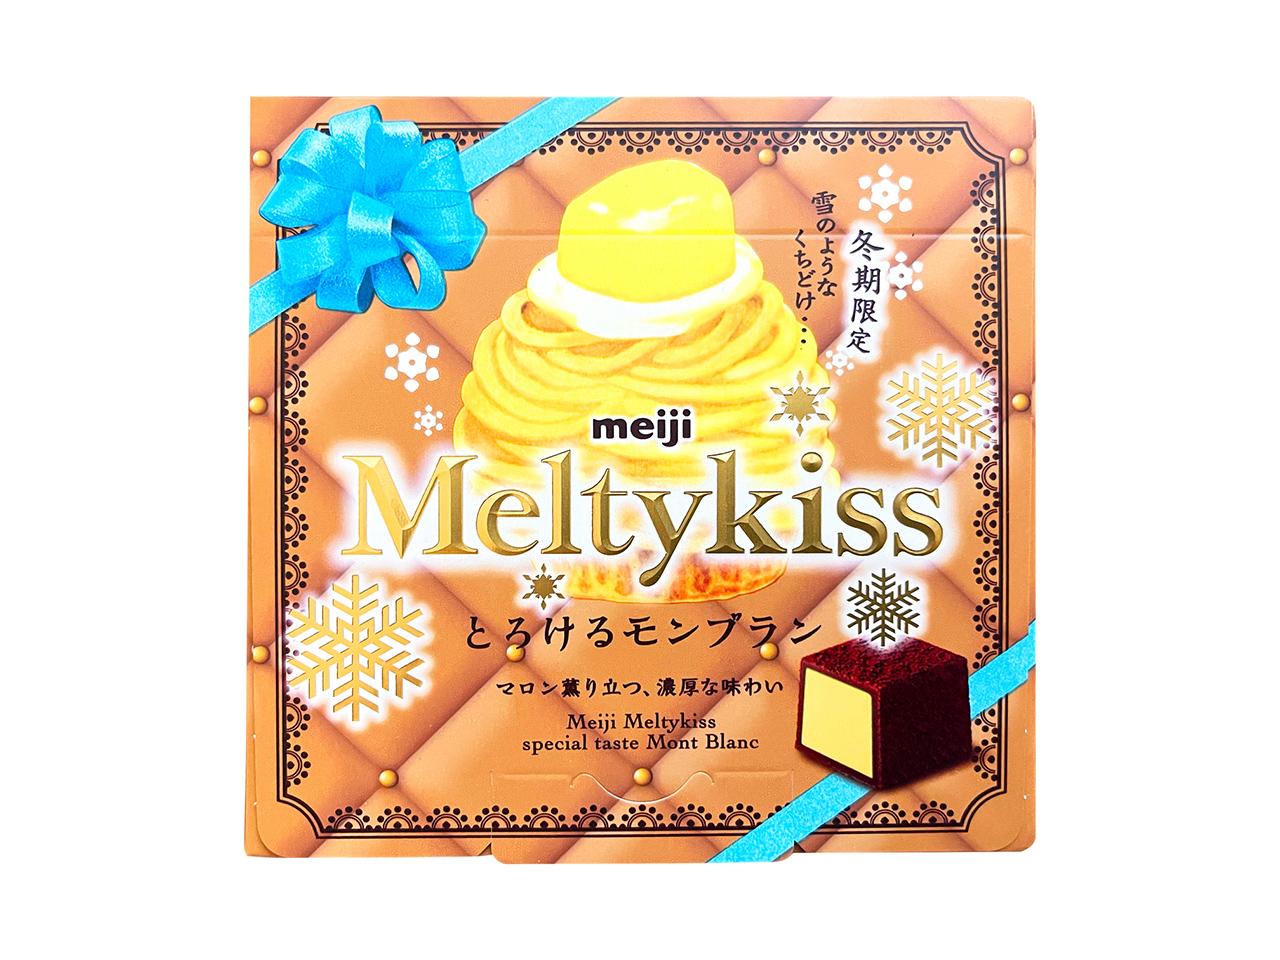 ขนม ญี่ปุ่น ประจำเดือนมกราคม : Meltykiss 'Mont Blanc'